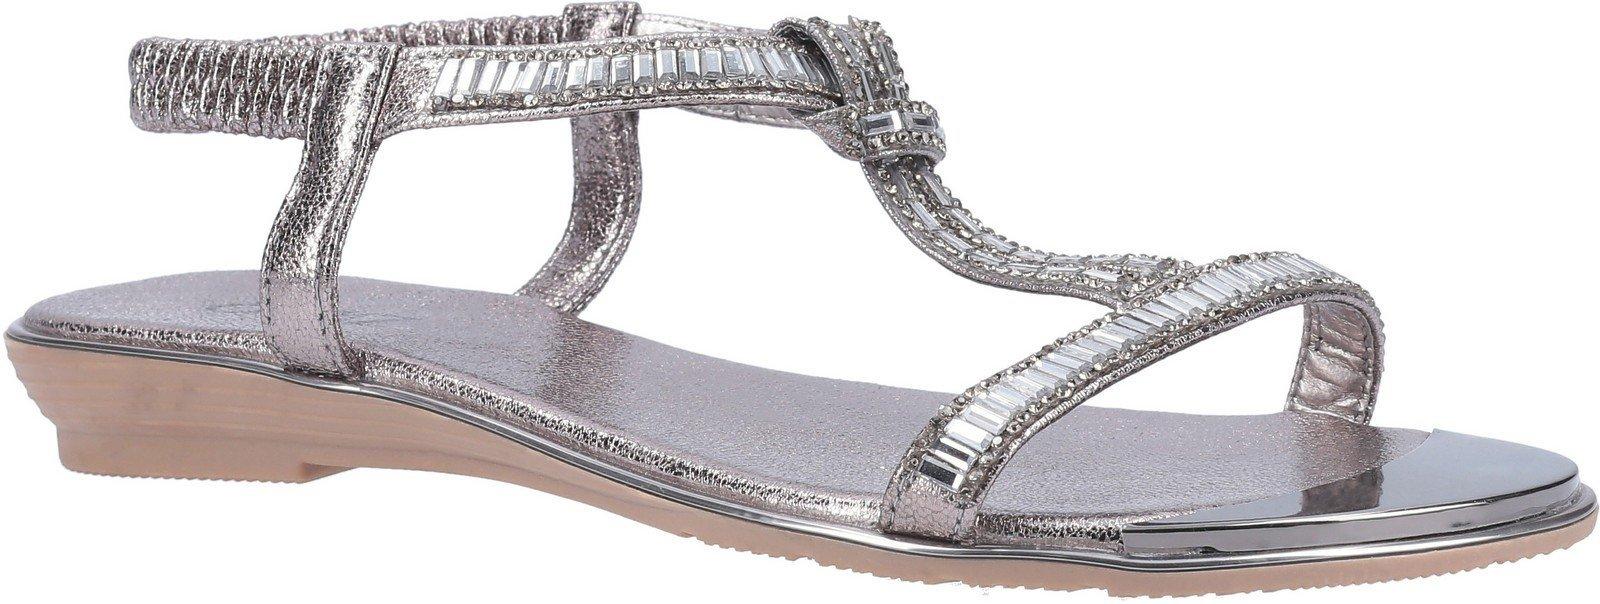 Divaz Women's Roxy Slip On Sandal Various Colours 30128 - Pewter 3